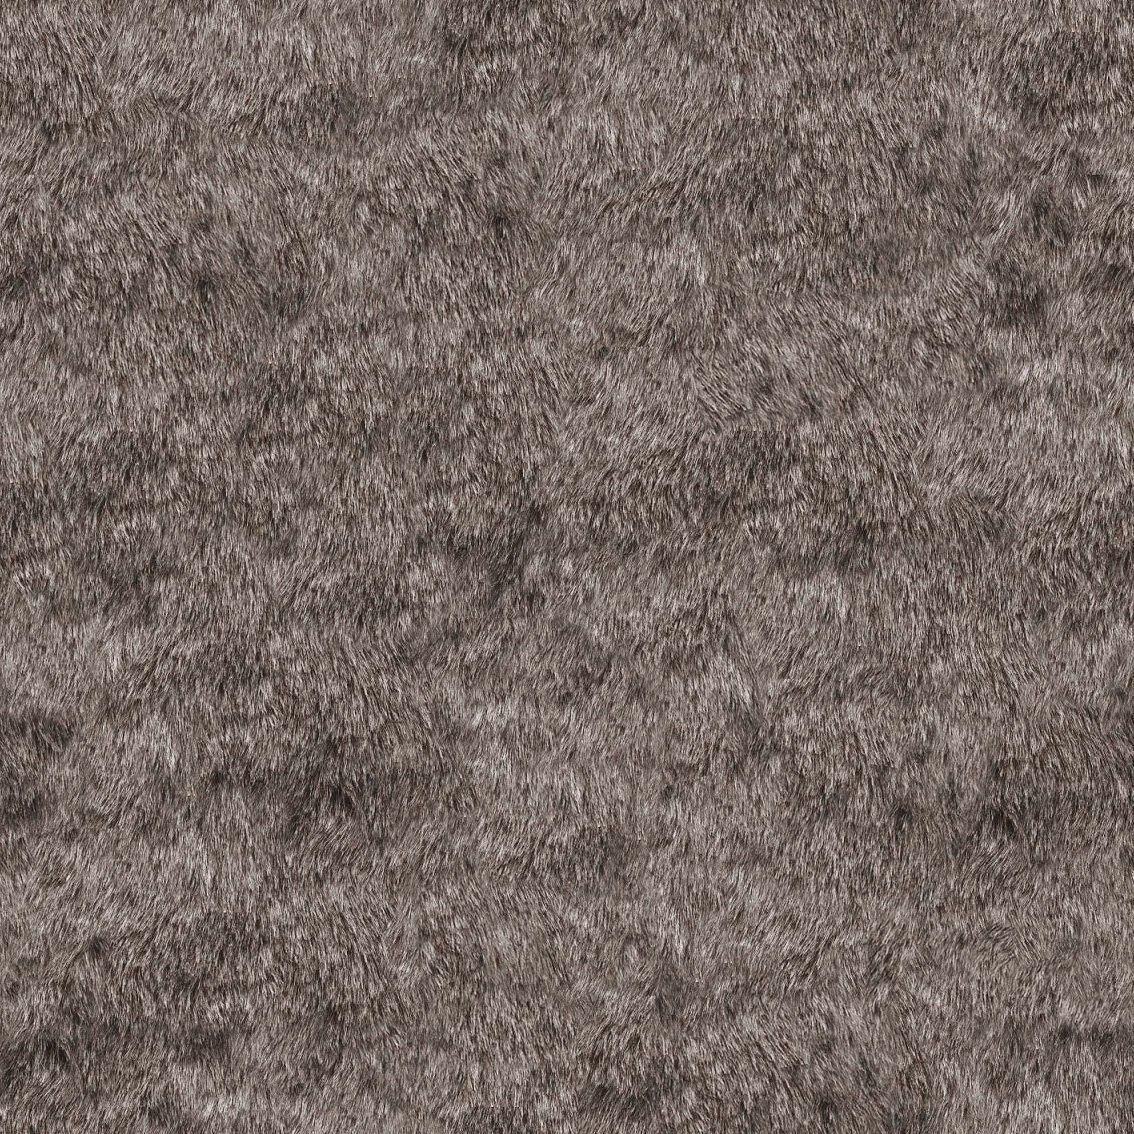 tileable carpet texture victorian seamless fur coat texture maps texturise carpet feather texture wallpaper